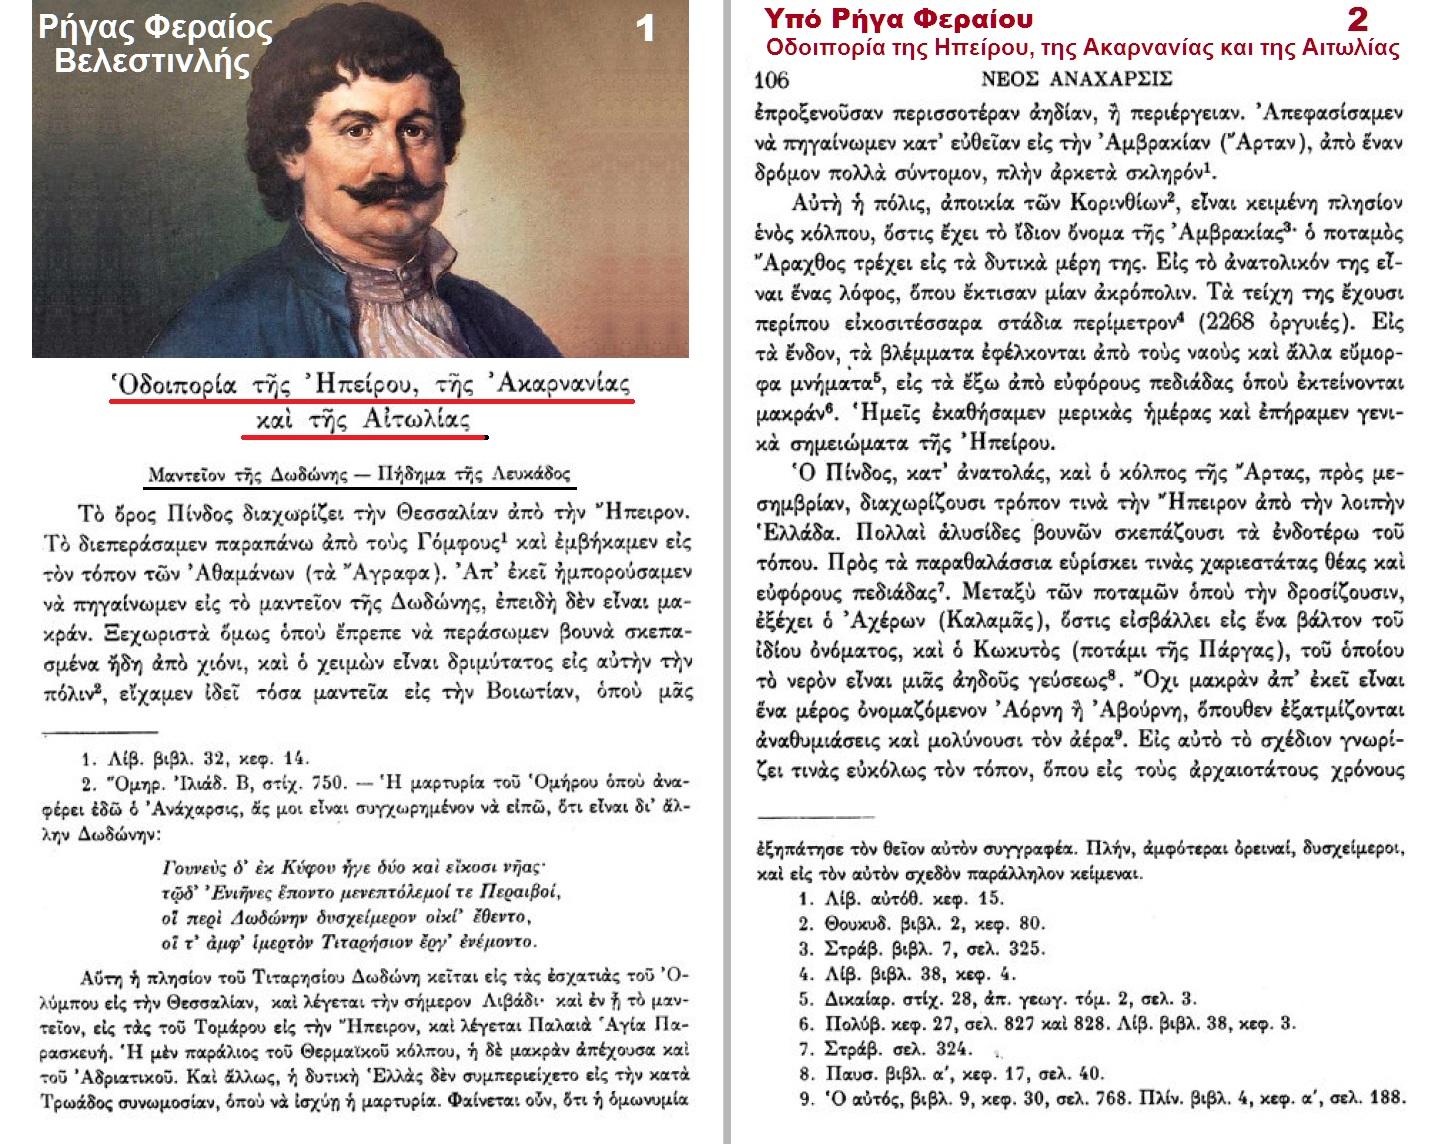 ΟΔΟΙΠΟΡΙΑ ΤΗΣ ΗΠΕΙΡΟΥ ΤΗΣ ΑΚΑΡΝΑΝΙΑΣ ΚΑΙ ΤΗΣ ΑΙΤΩΛΙΑΣ 1-2